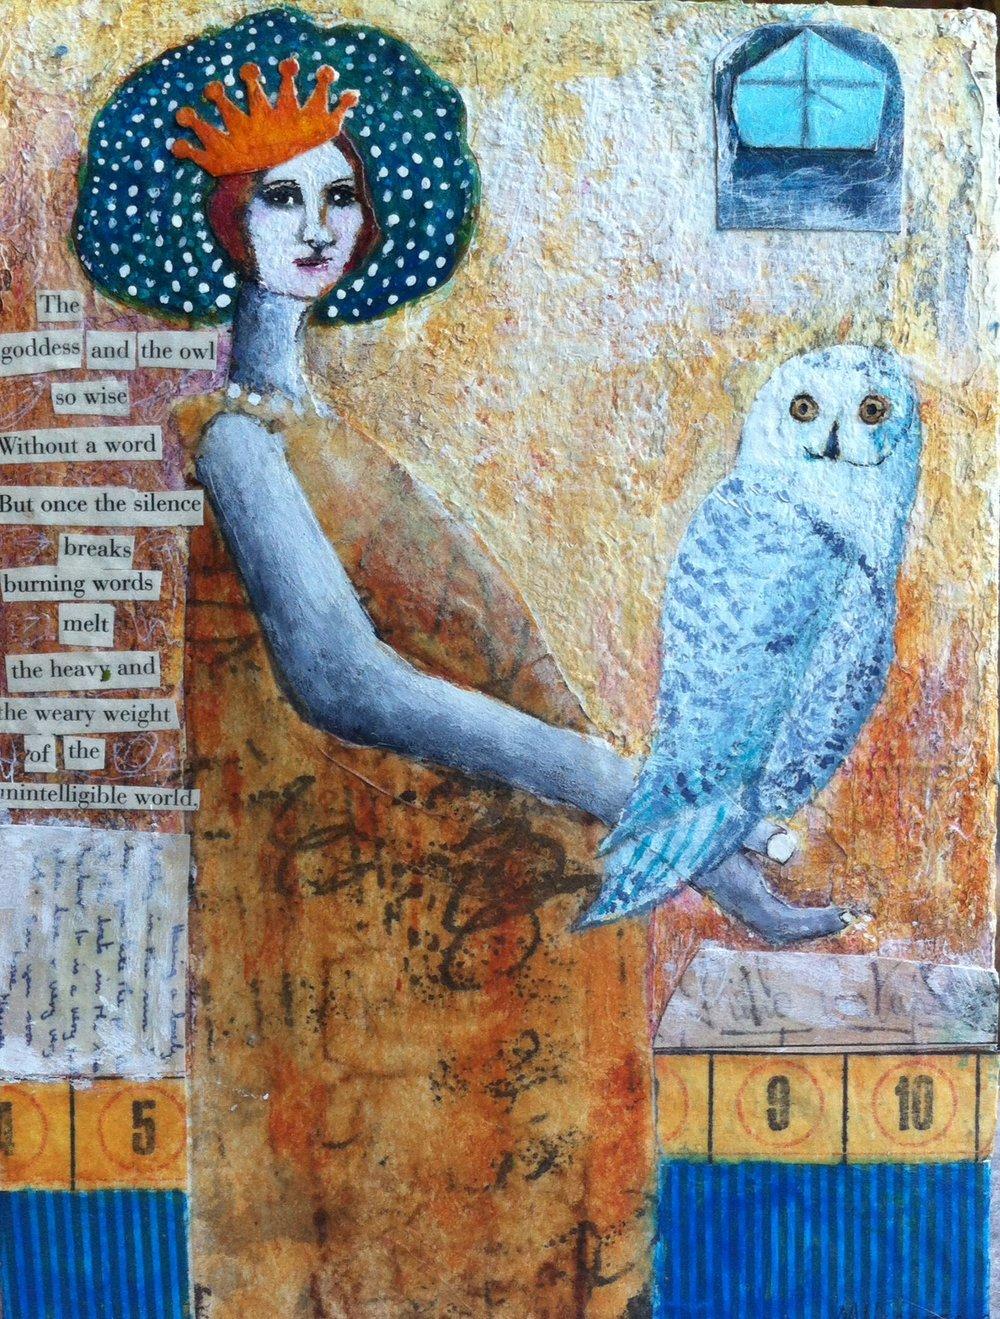 Goddess and the Owl